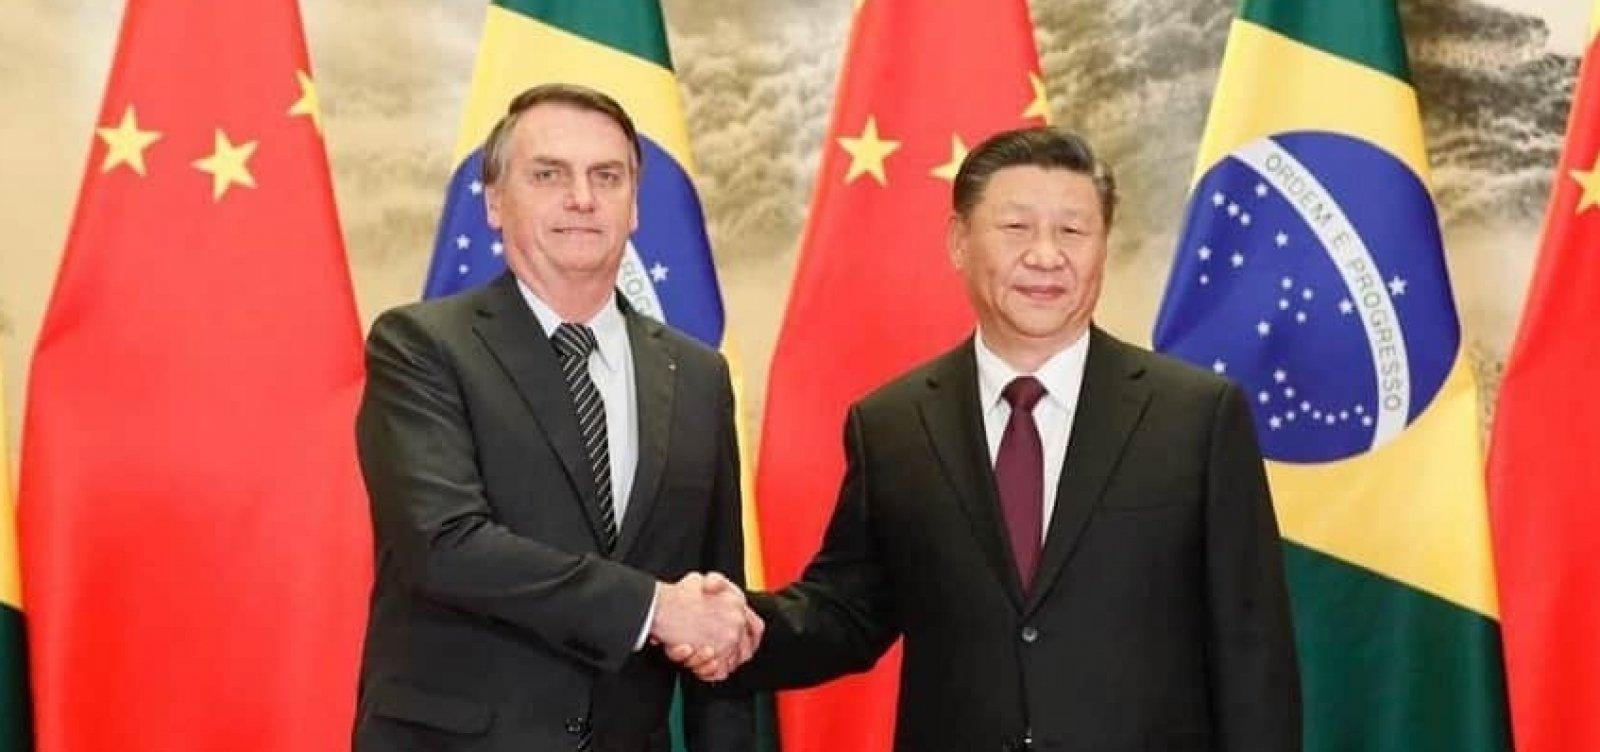 Bolsonaro convida Xi Jinping para 'maior leilão de petróleo e gás da história'